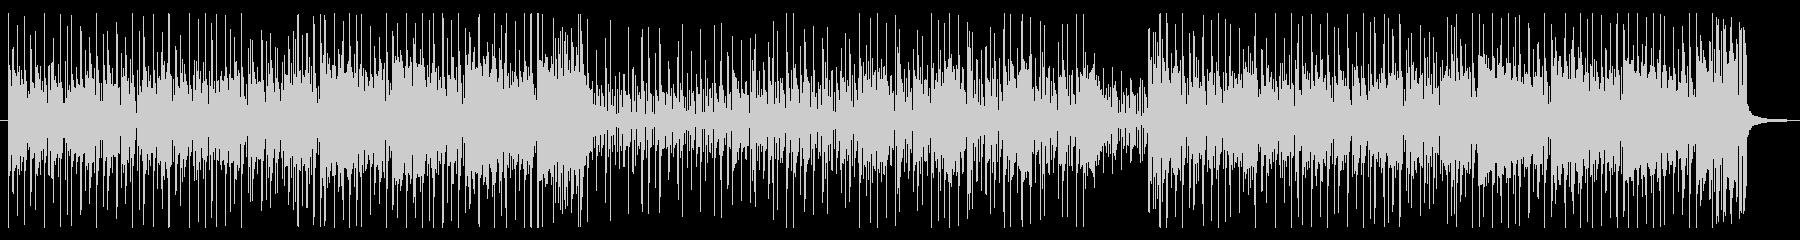 コミカルシーンに合う日常系ファンクの未再生の波形